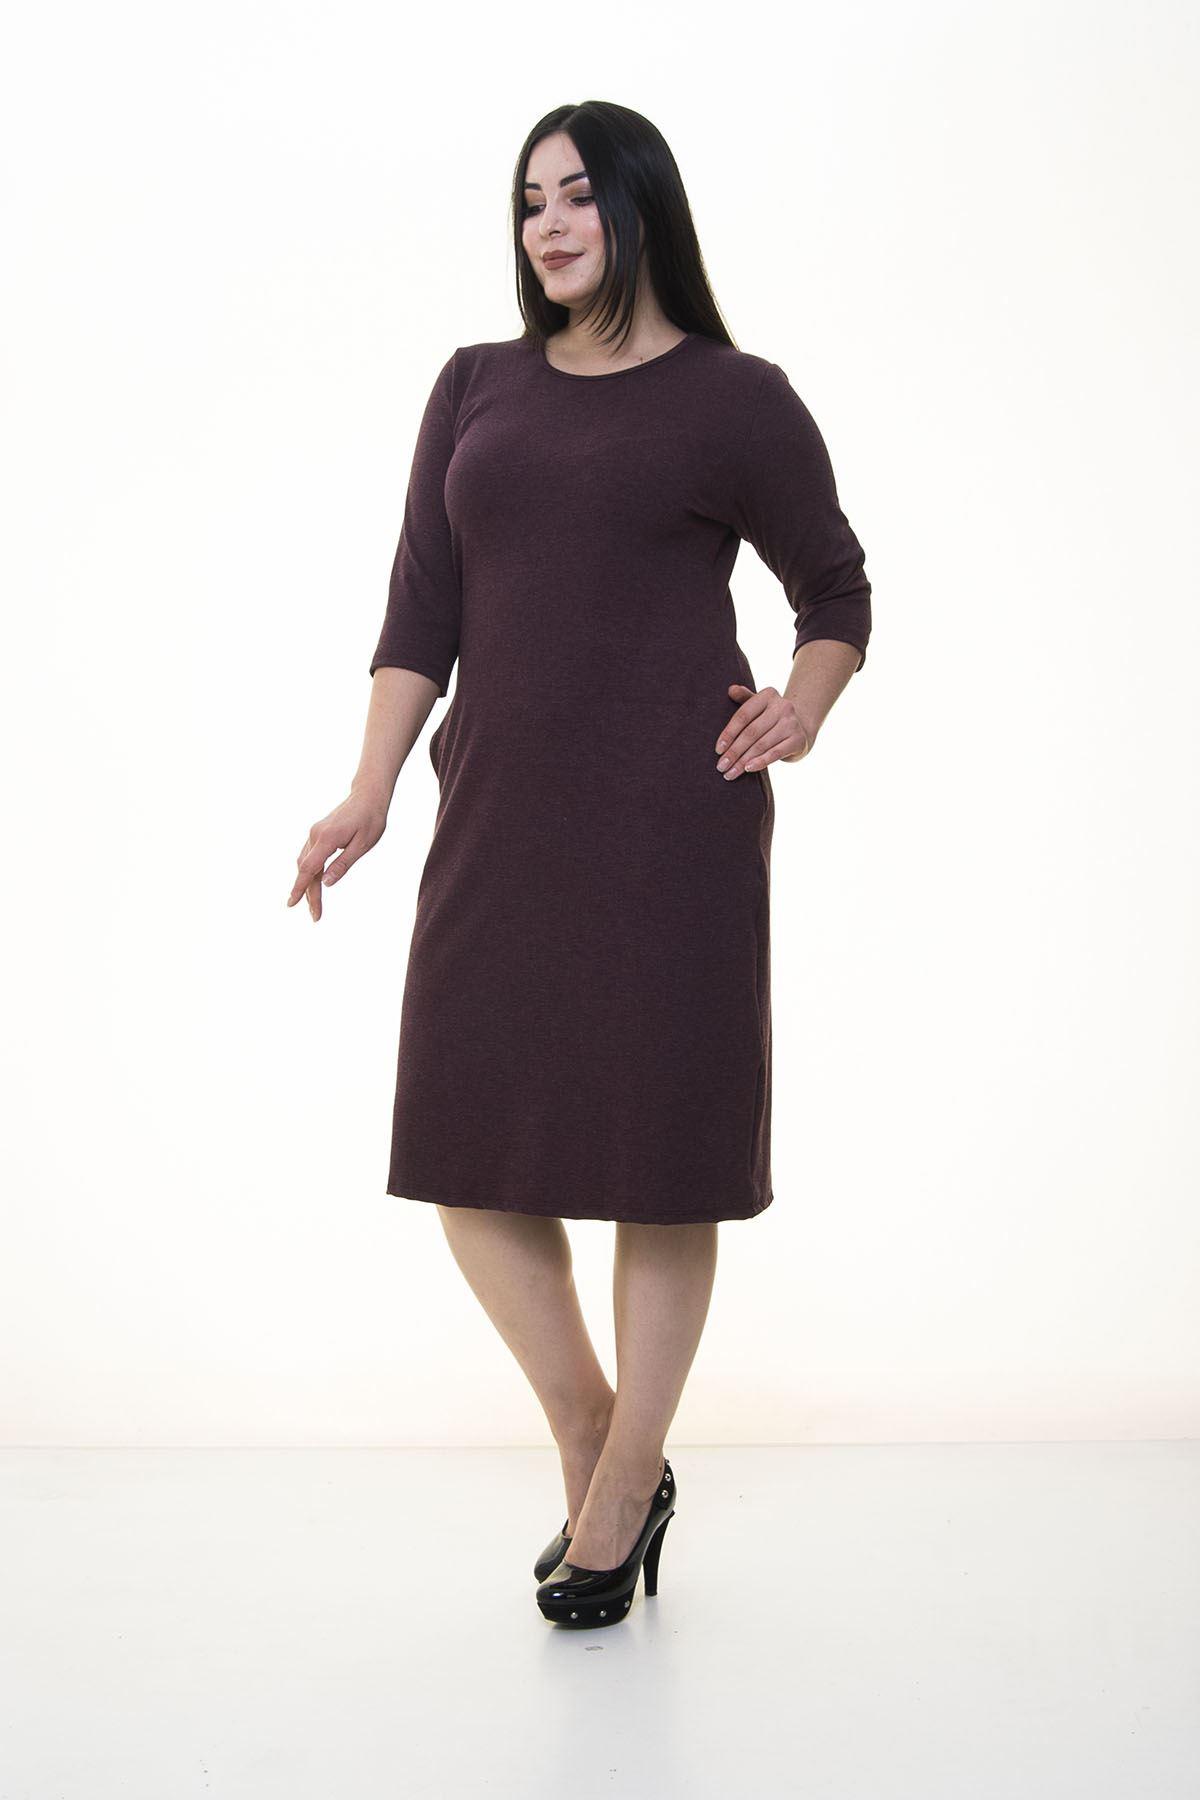 Bordo Cepli Esnek Büyük Beden Elbise 15D-1408